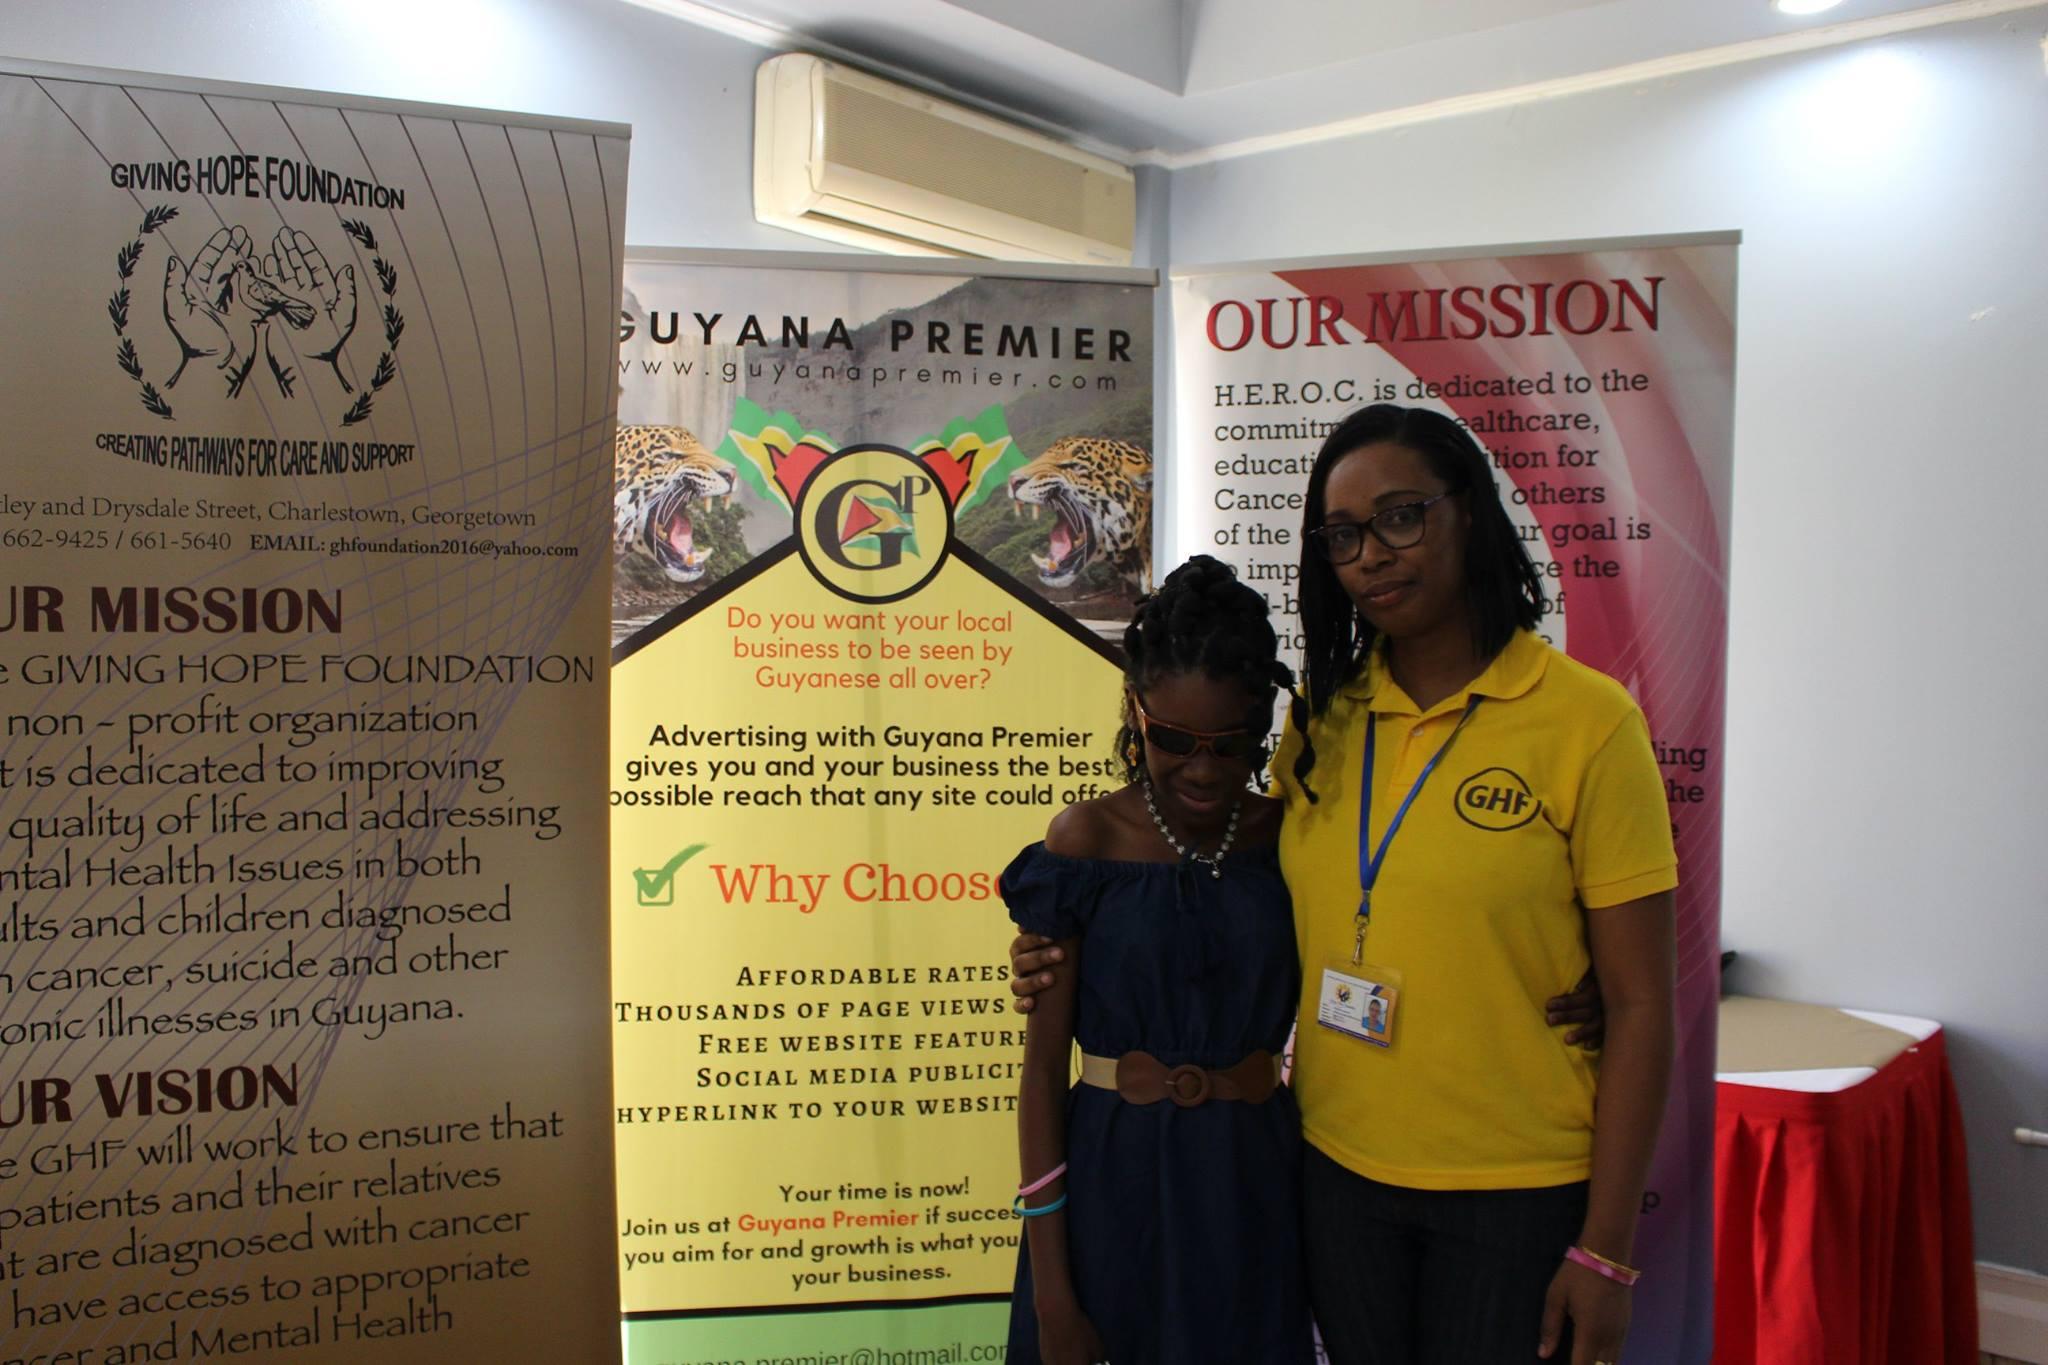 Giving Hope Foundation – H E R O C